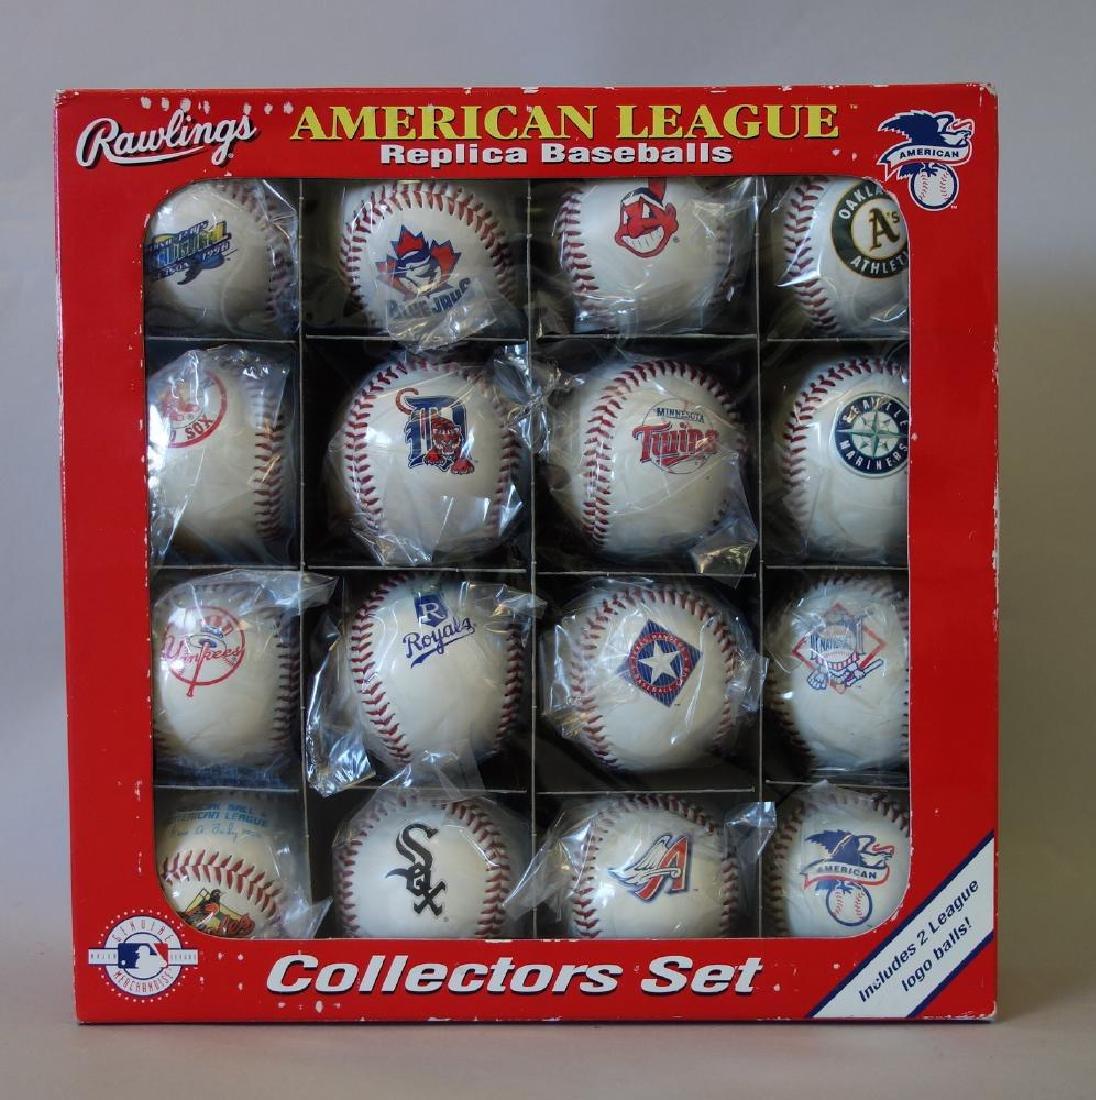 Rawlings American League Replica Baseballs